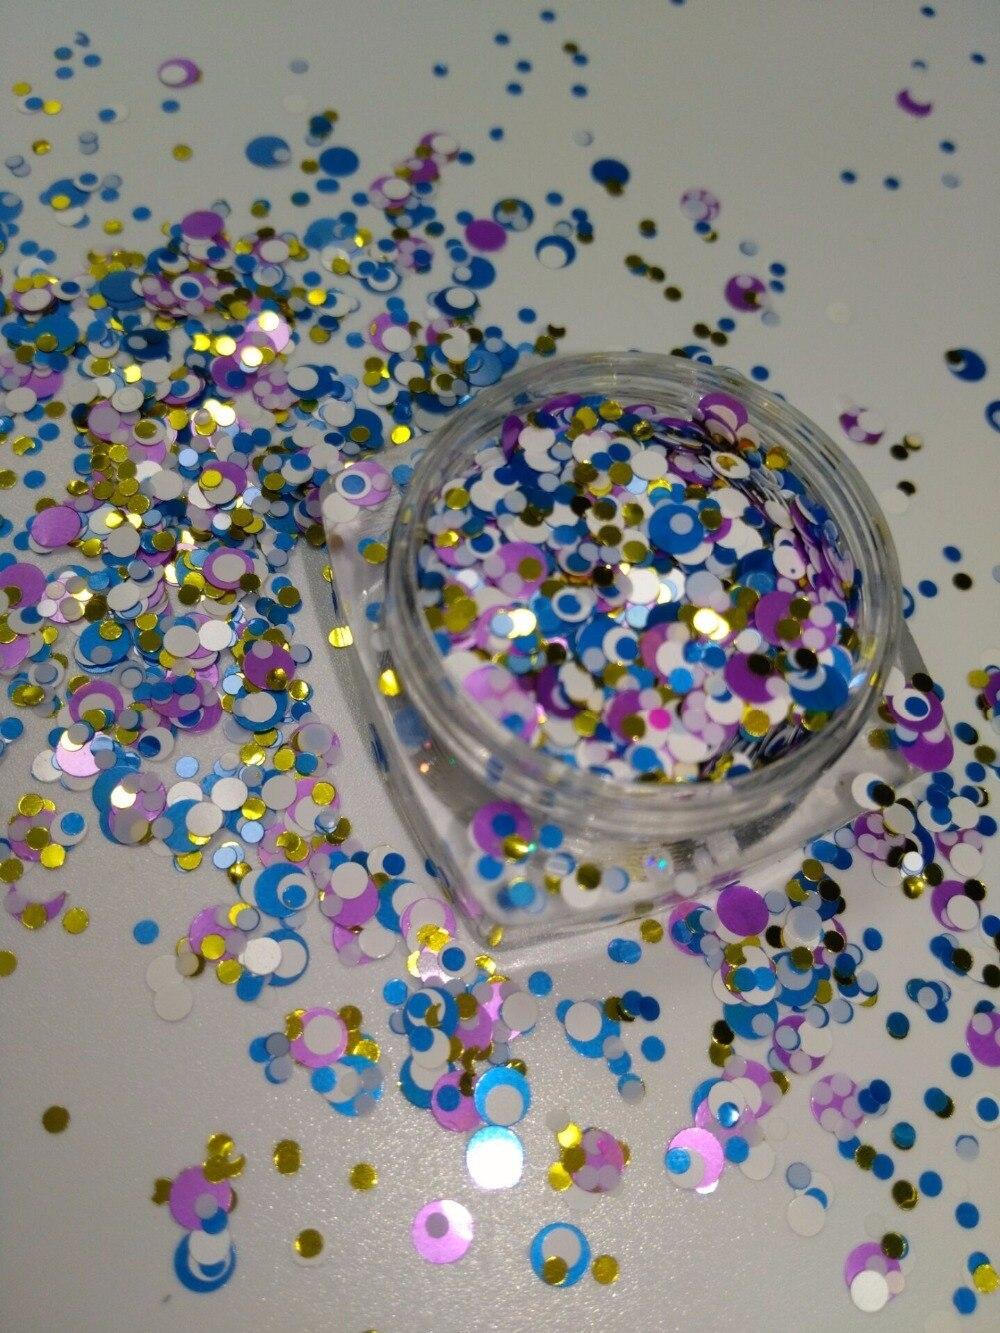 Nagelglitzer Ym-0121/2/3 Mm Glitter Mix iris Runde Dot Spangle Form Glitter Flake Kosmetische Pulver Für Nagel Gel Polish-50g/200 Gr/beutel Einfach Zu Schmieren